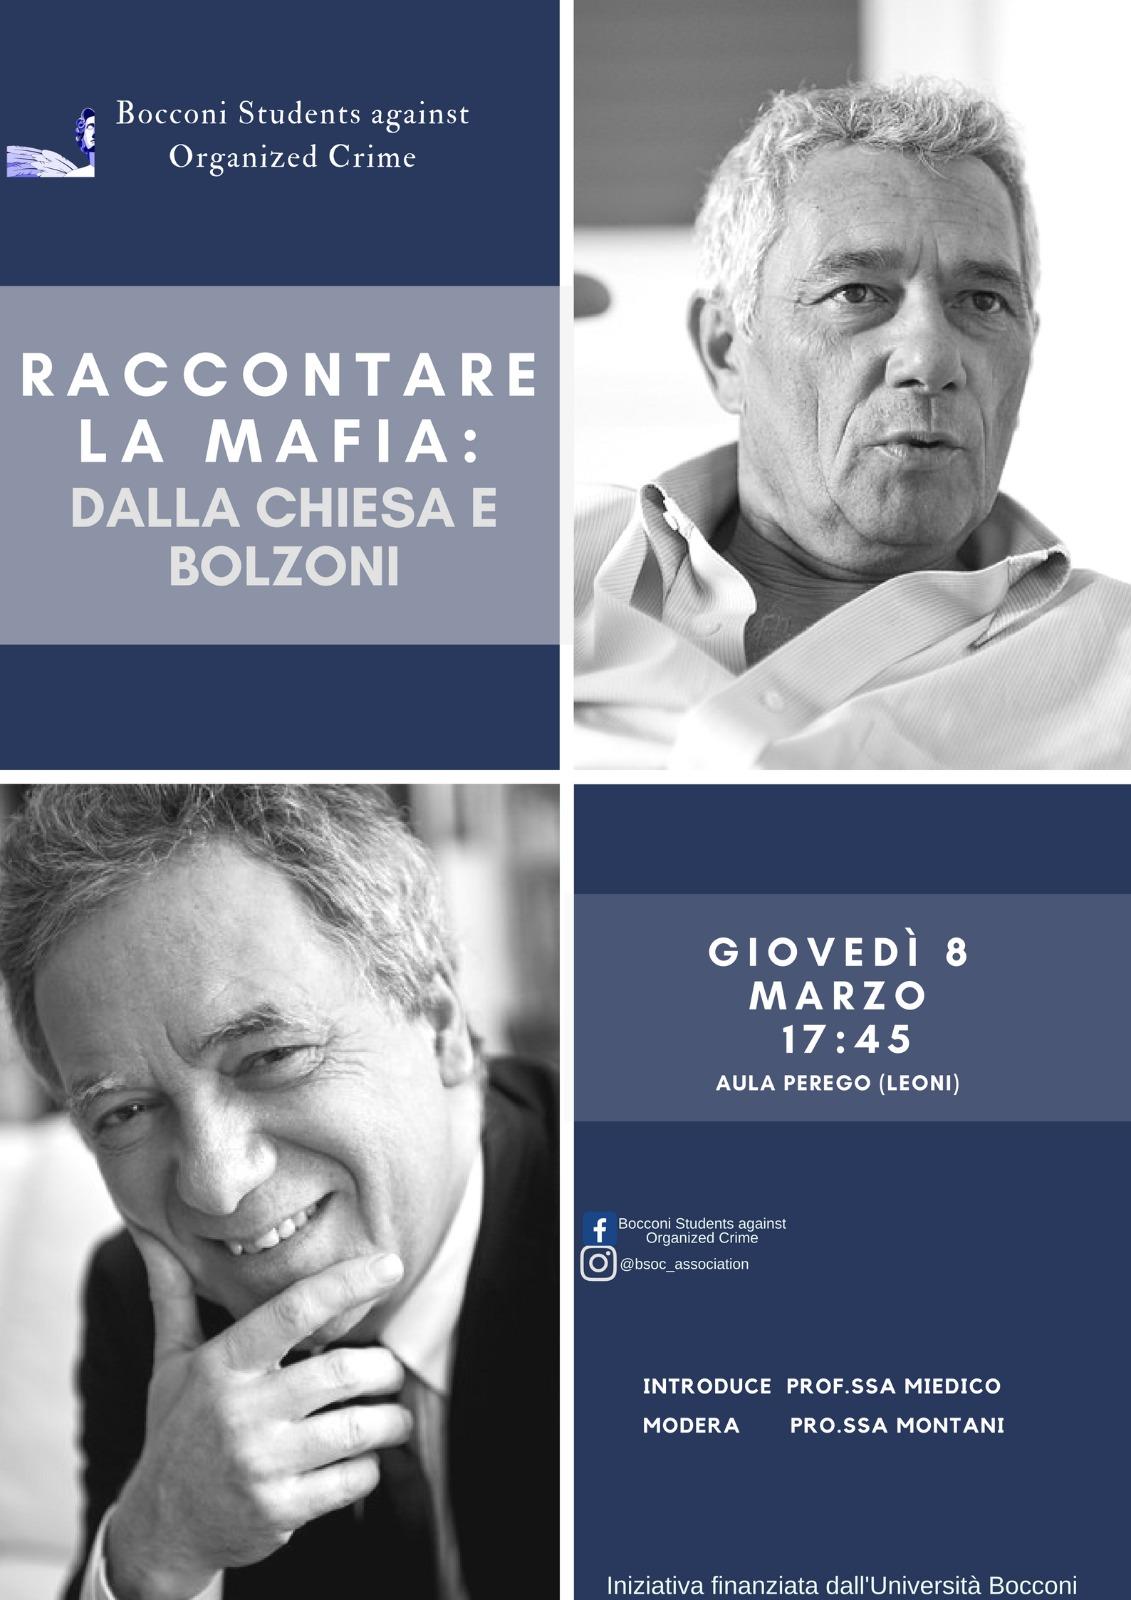 Raccontare la mafia: Dalla Chiesa e Bolzoni